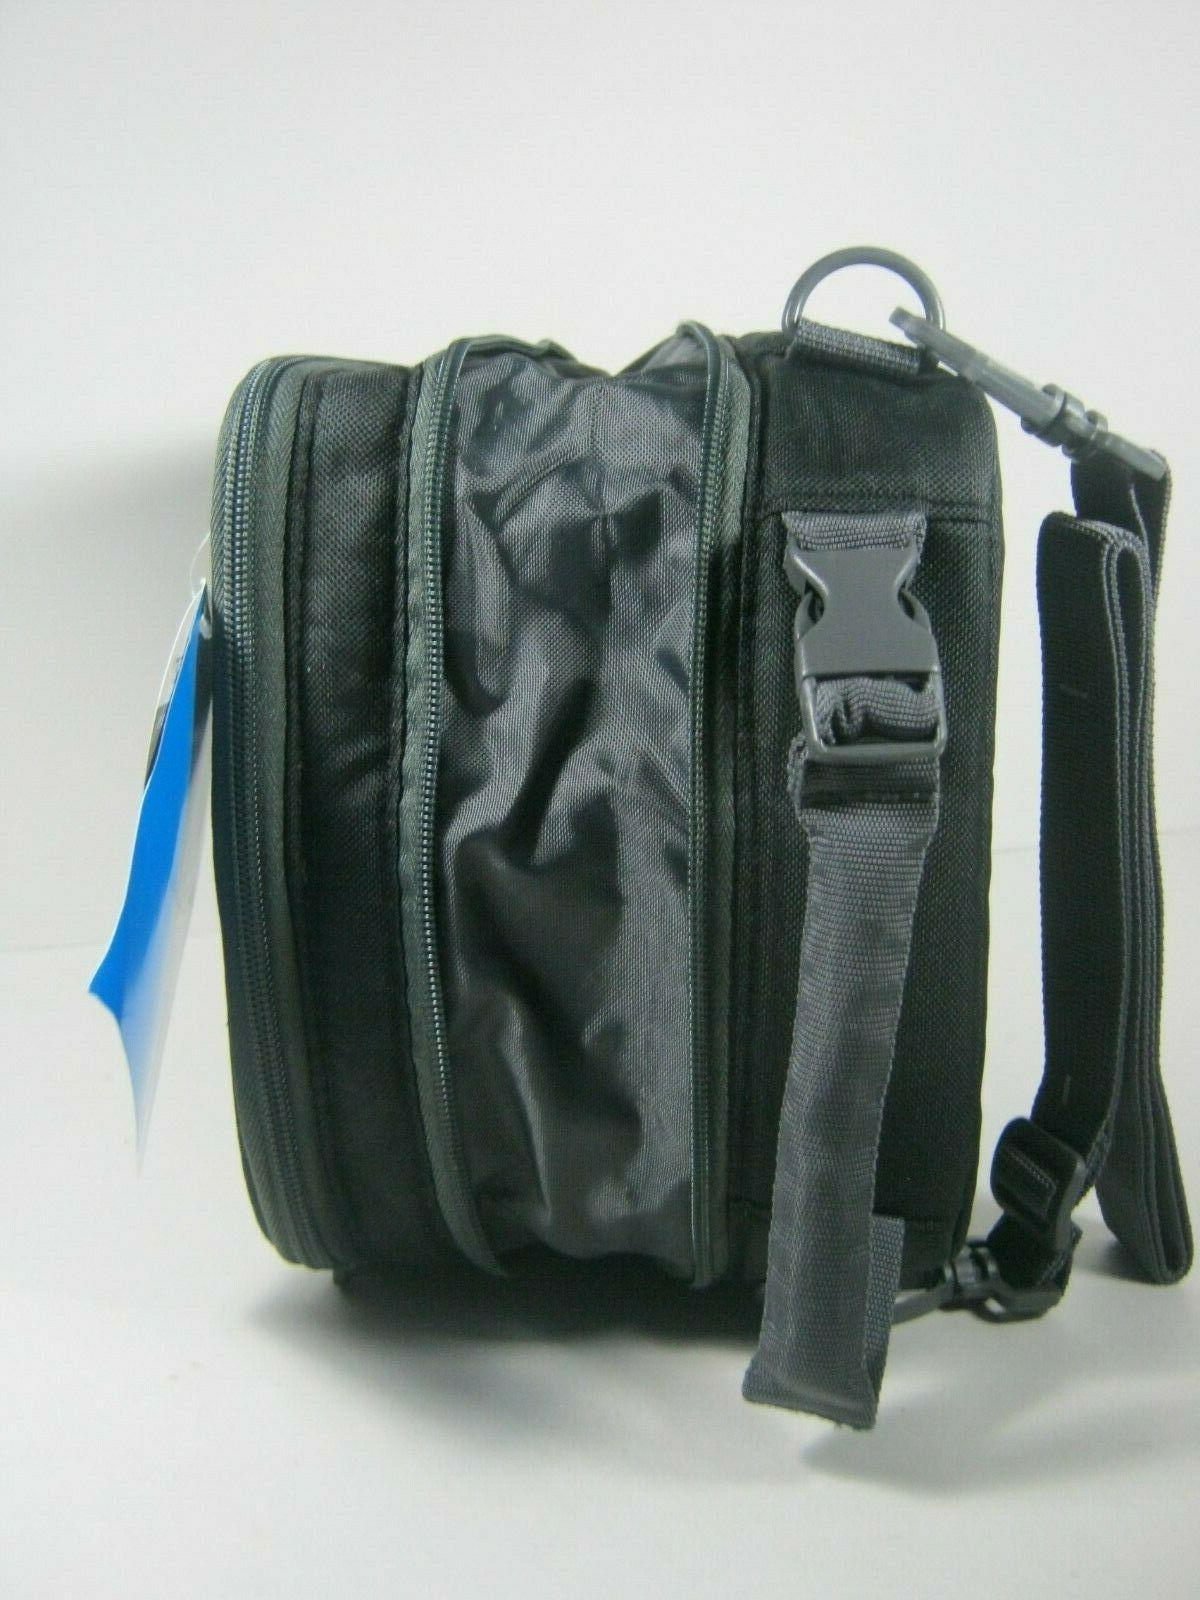 Columbia Safe Lunch Pack Black Grid Bag